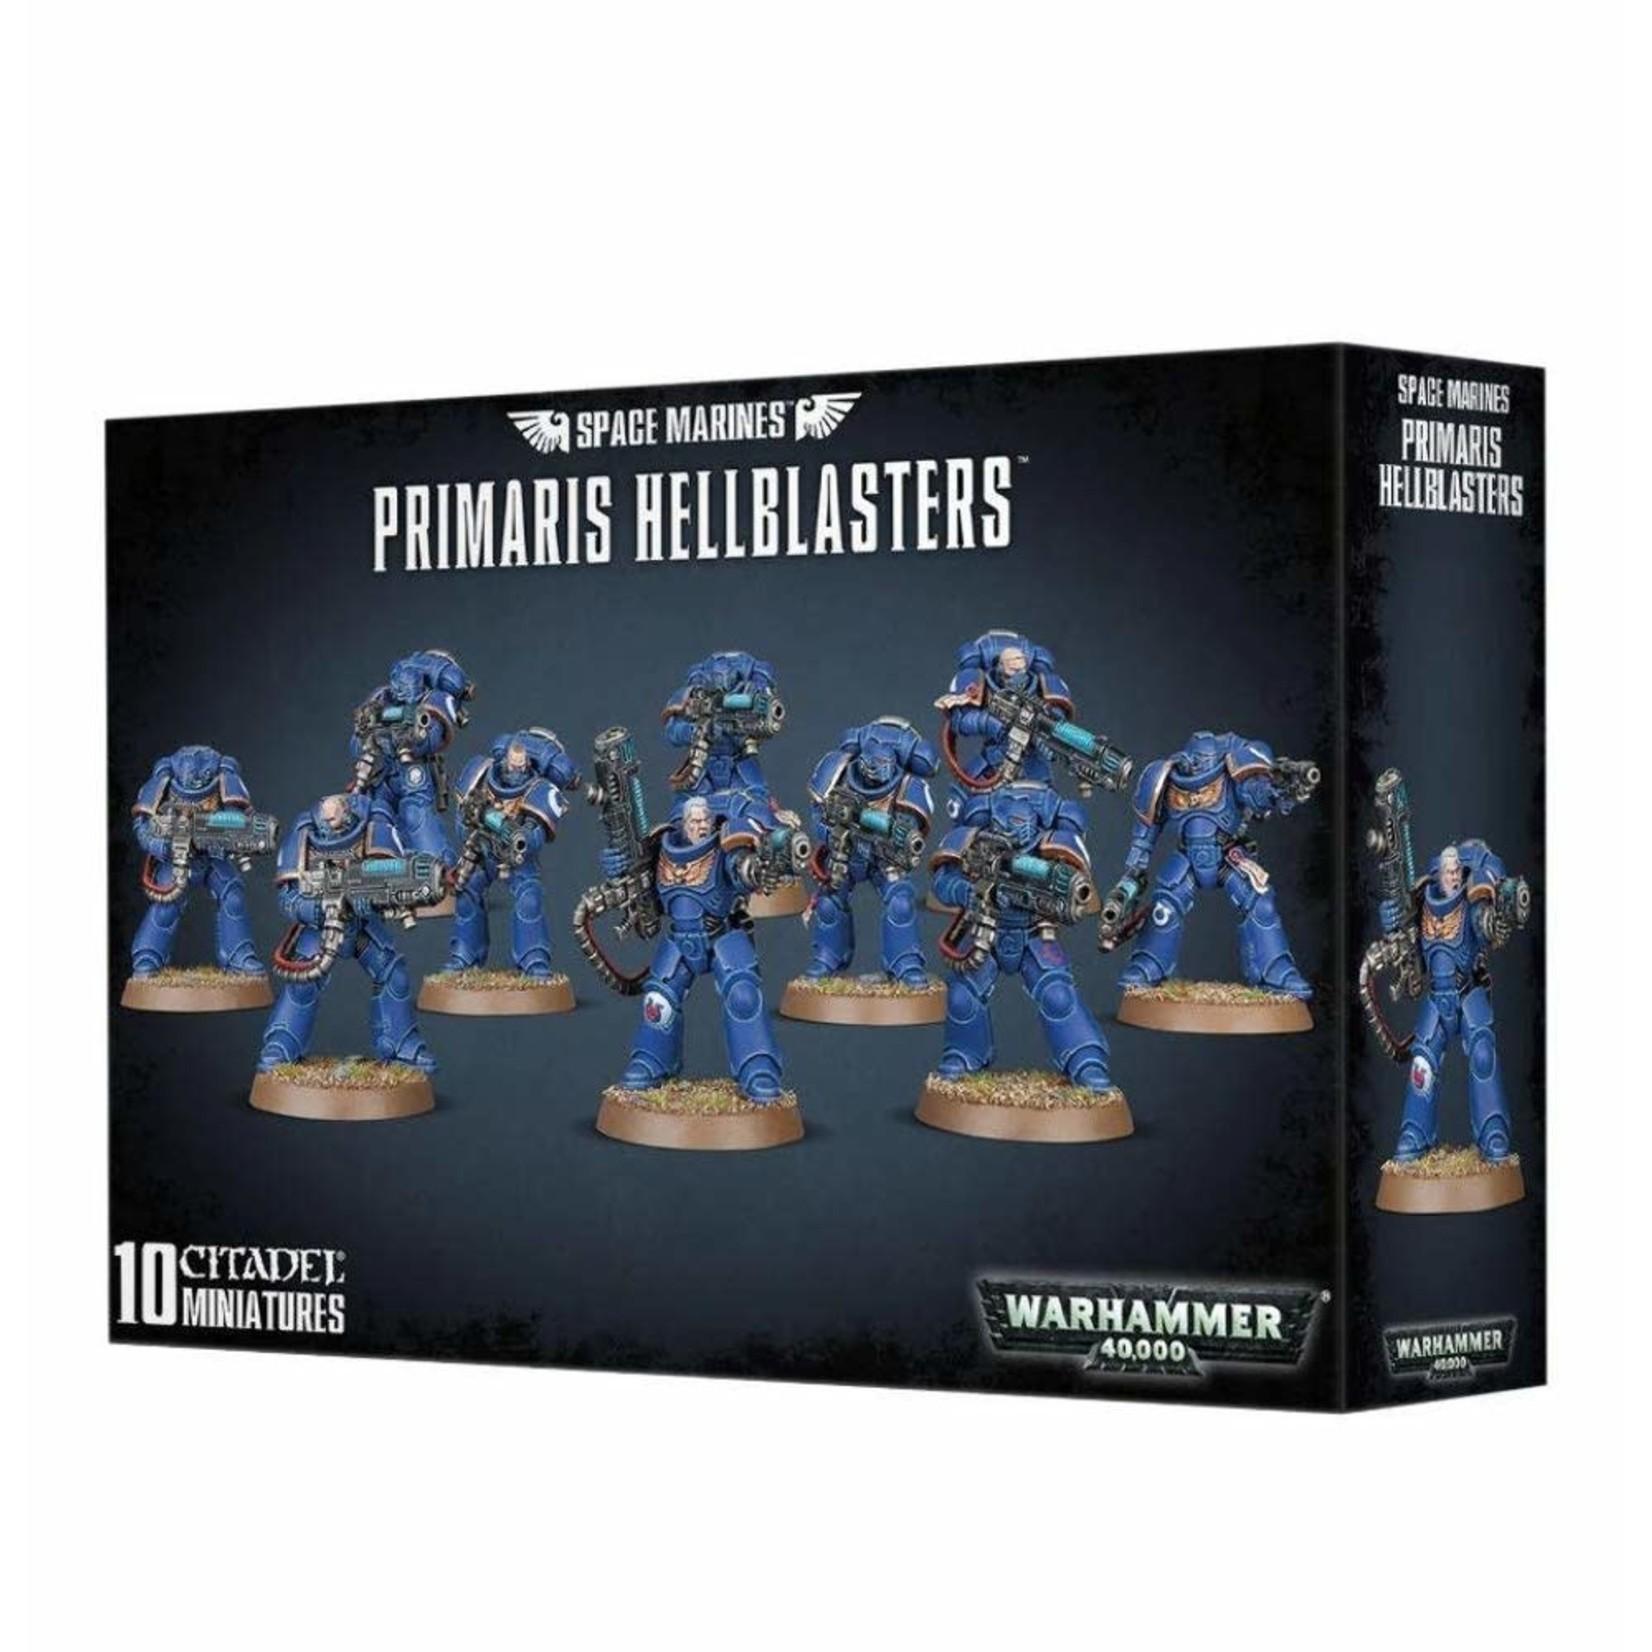 Games Workshop Warhammer 40k: Space Marines - Primaris Hellblasters